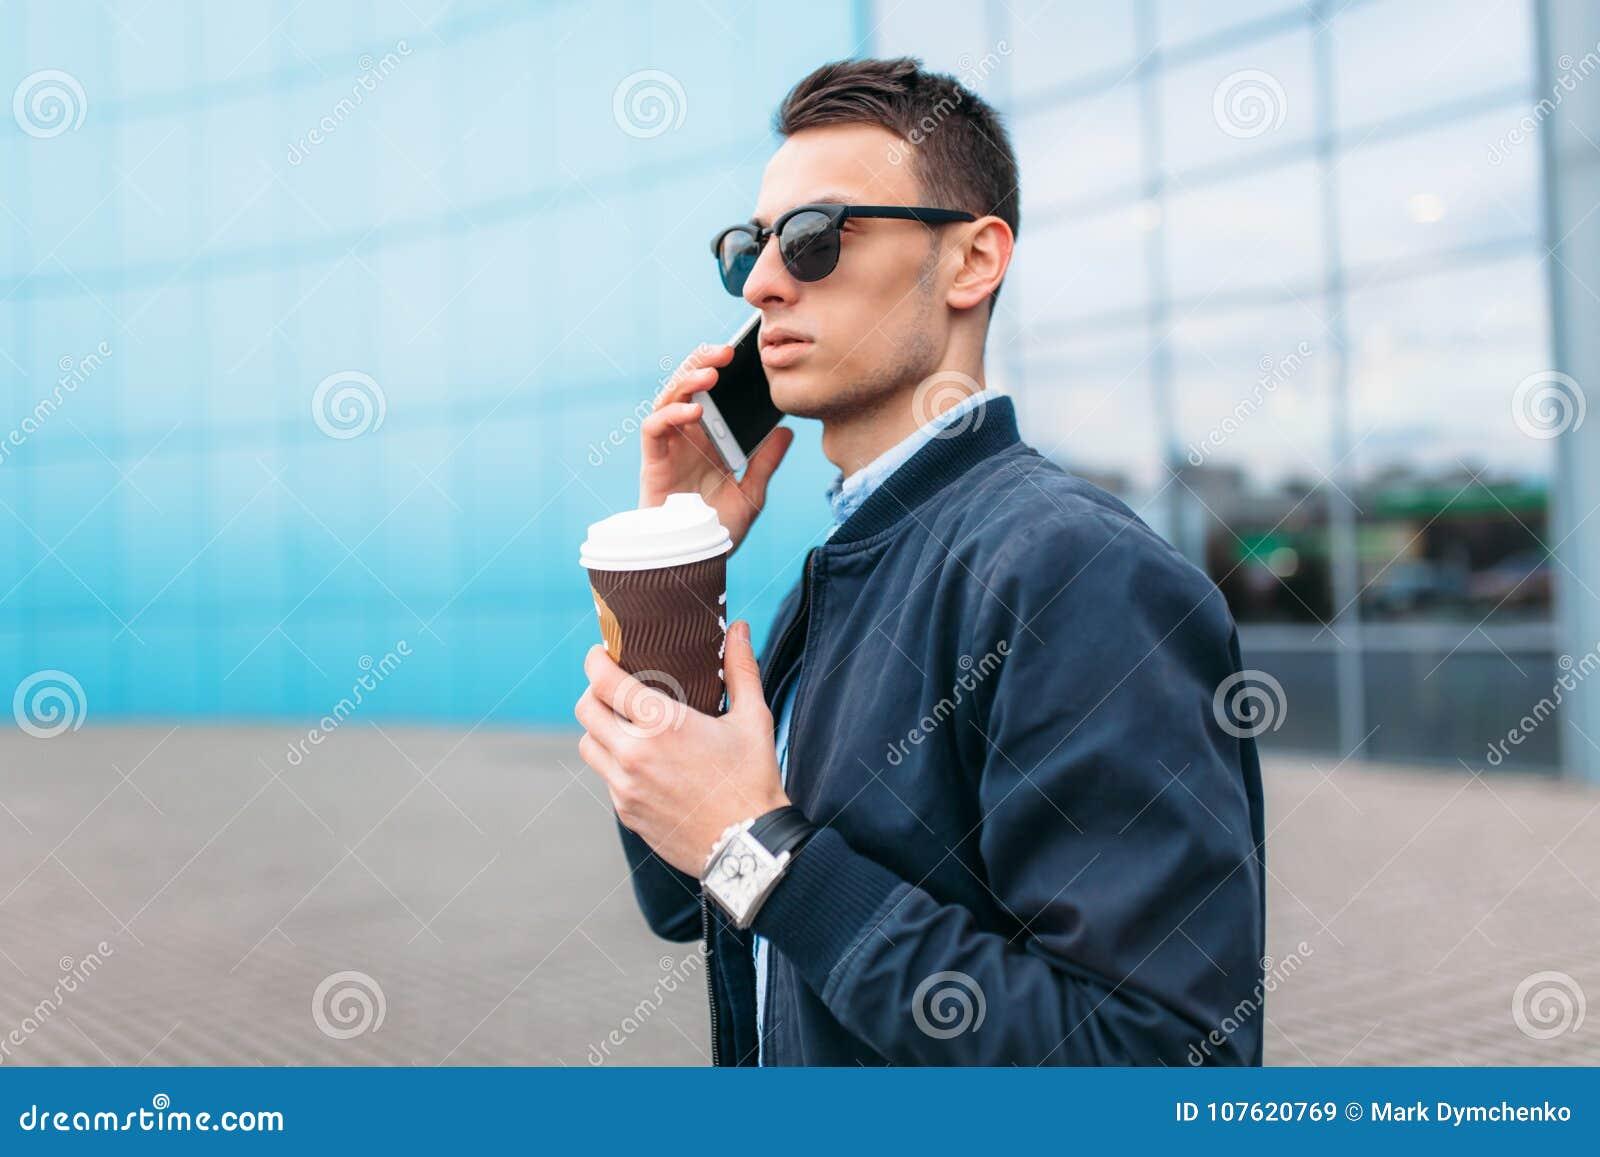 Человек с бумажным стаканчиком кофе, идет через город, красивый парня в стильных одеждах и солнечные очки, звоня телефонный звоно